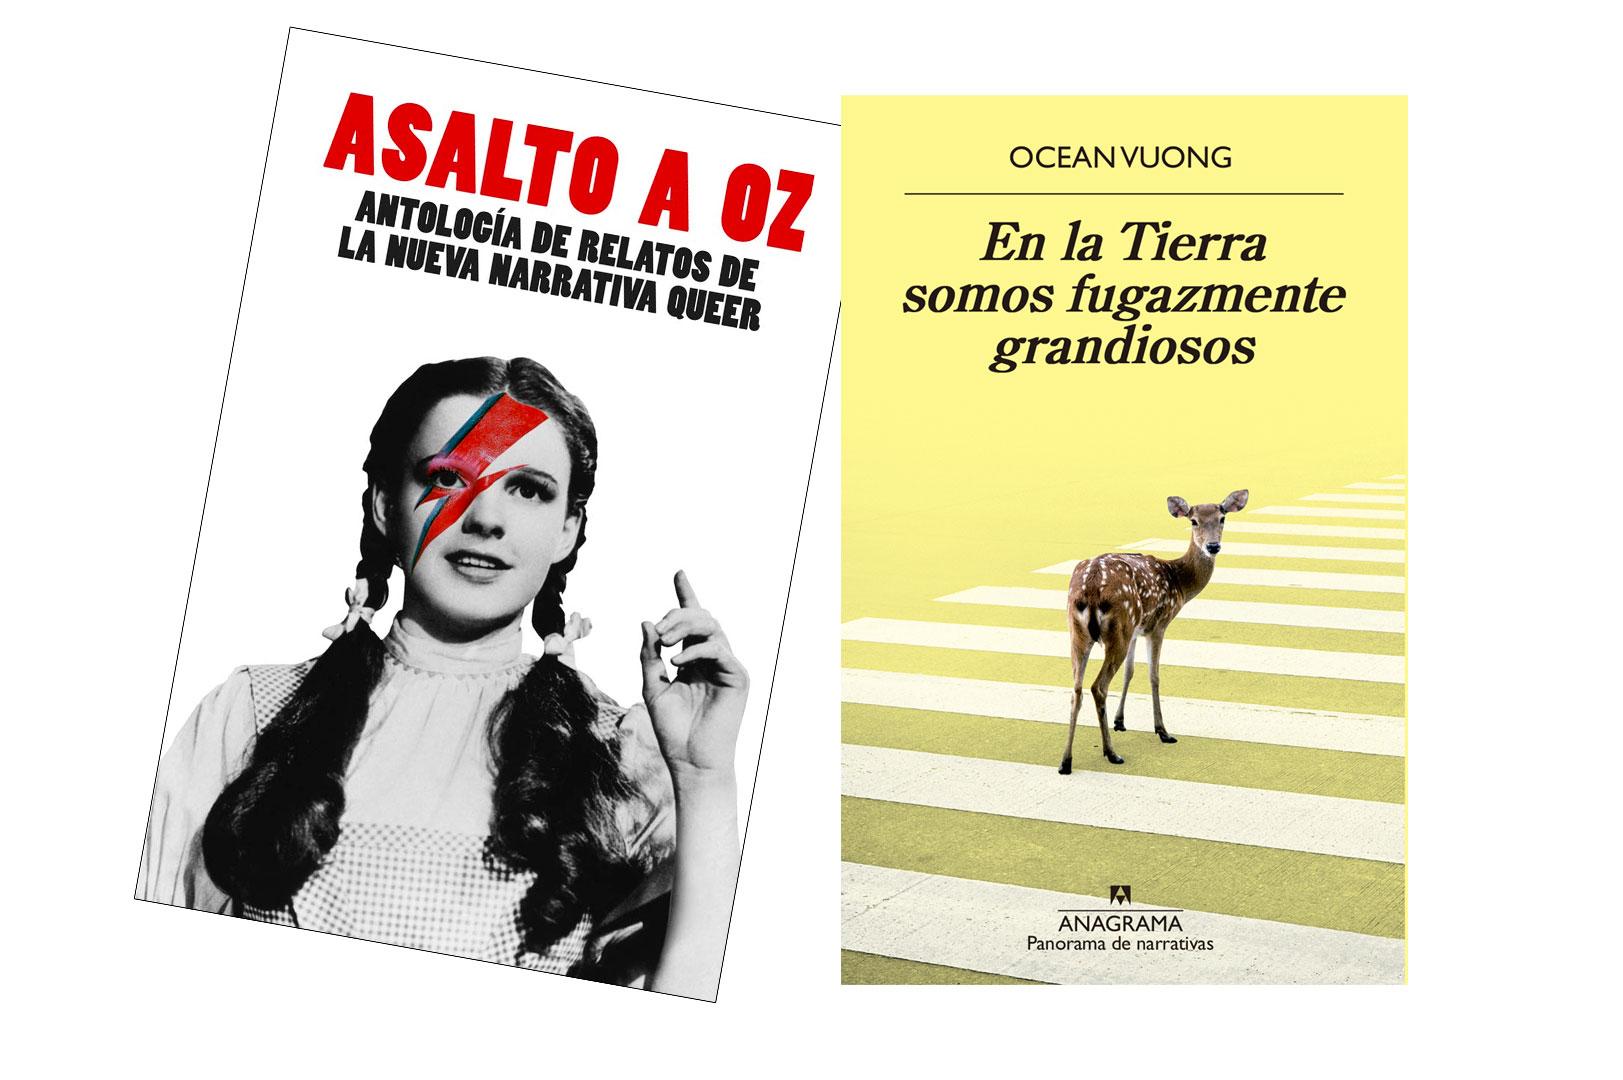 Ano De Chica Adolescente Desnuda el vídeo de arkano y una chica desnuda - amenzing